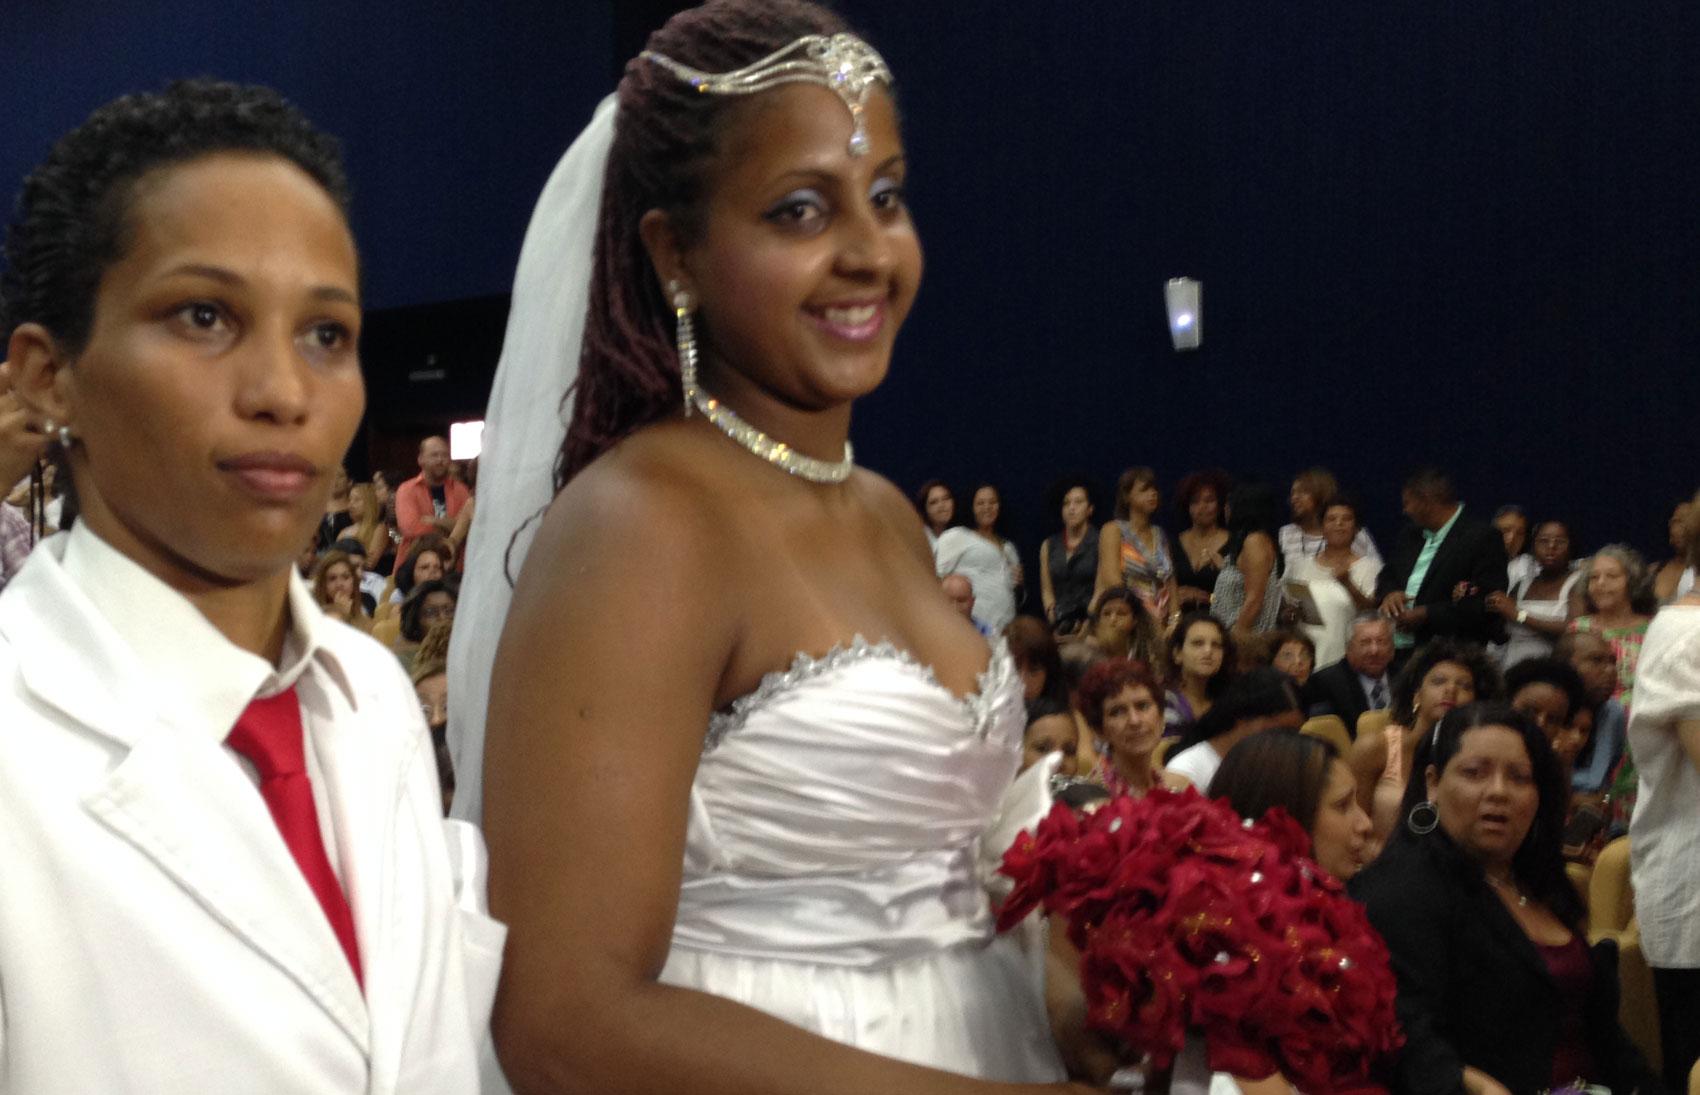 Lésbicas eram maioria entre os 130 casais que se uniram na cerimônica civil coletiva.